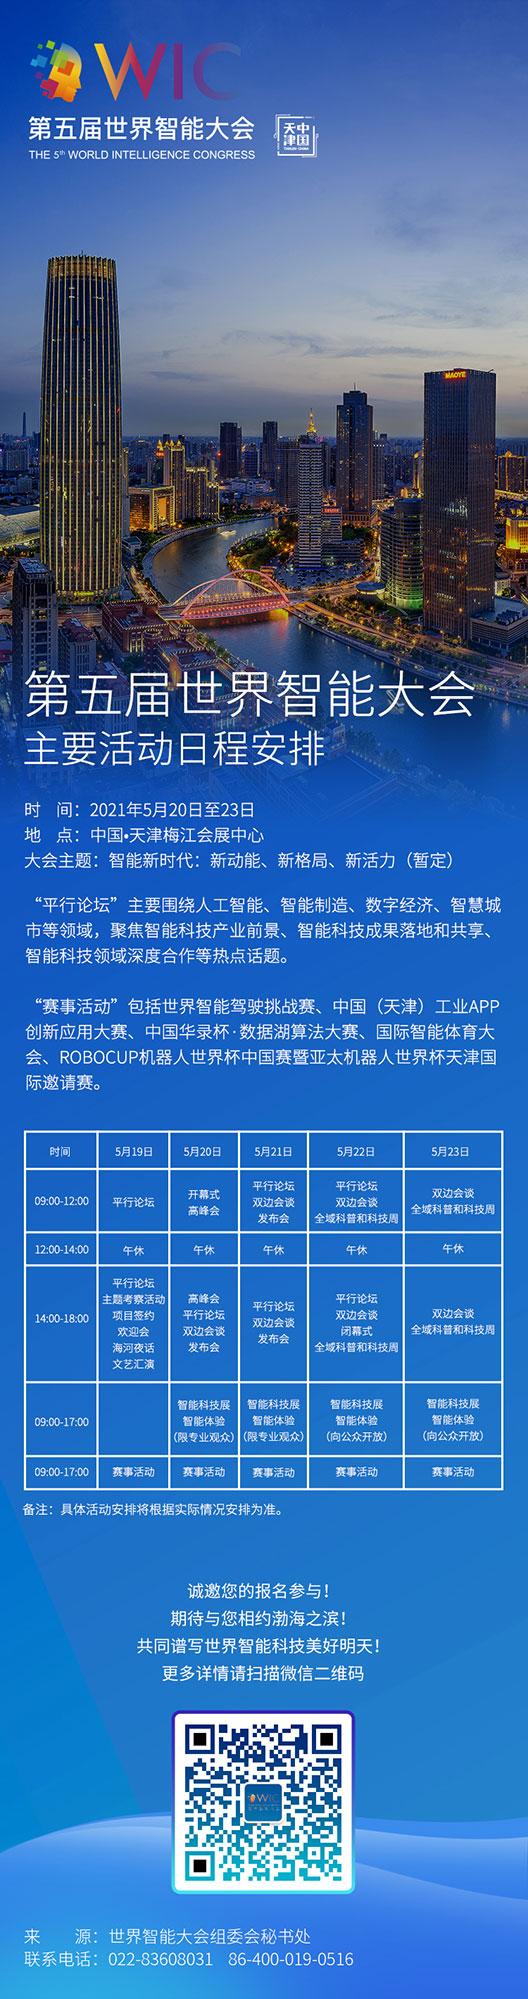 第五届世界智能大会主要活动日程安排